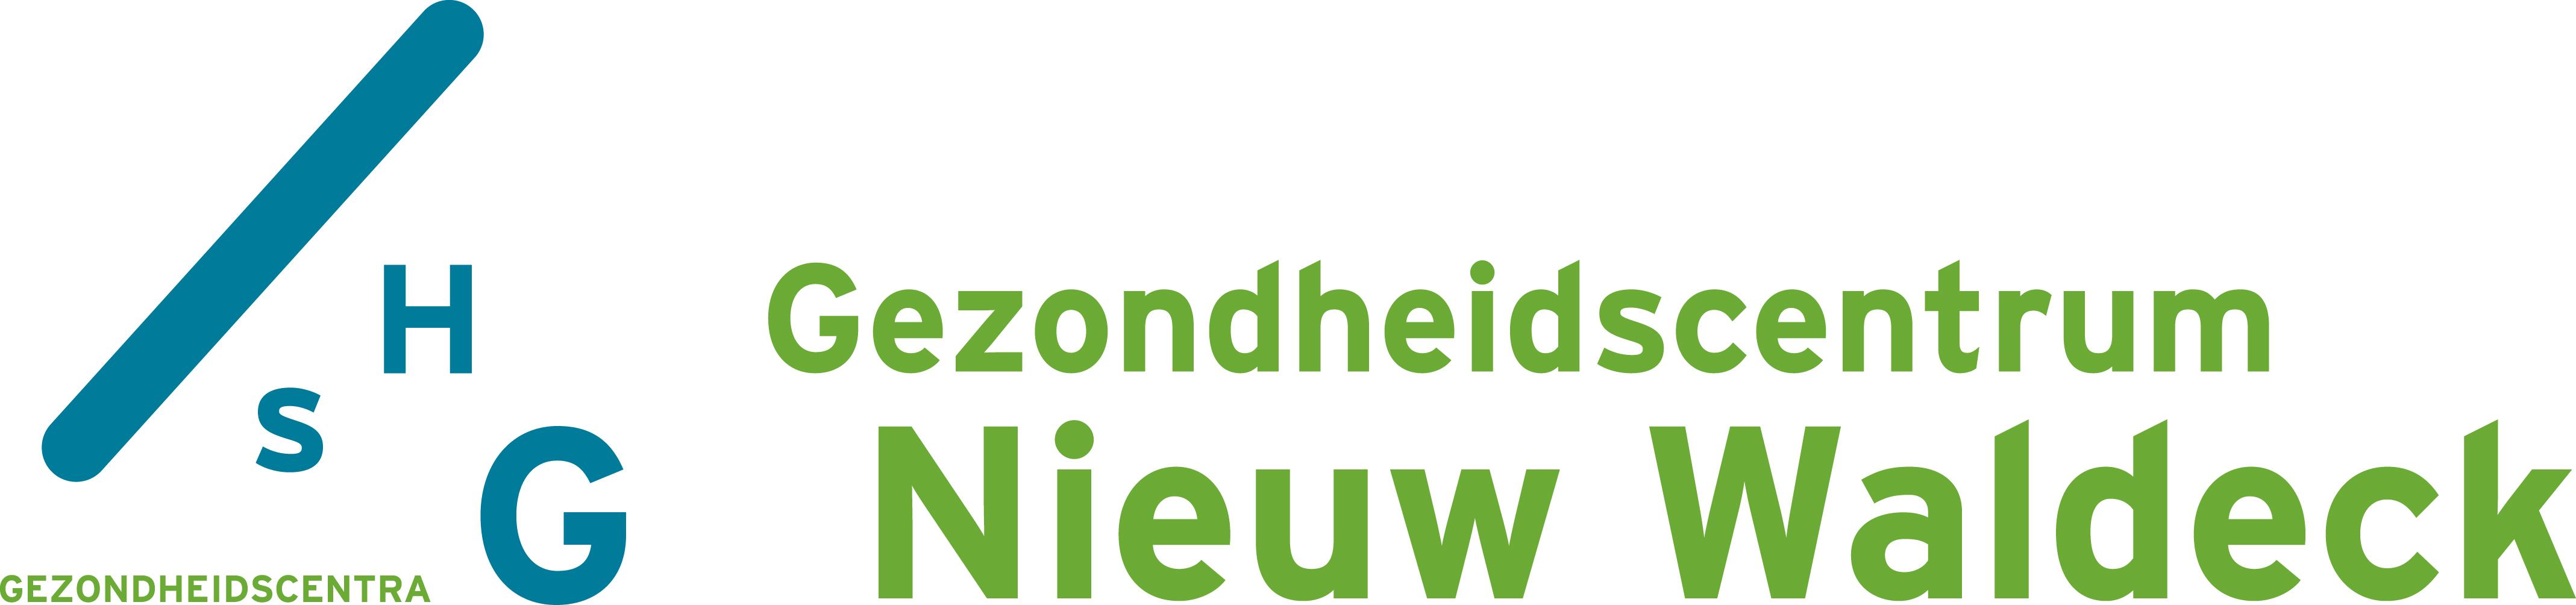 Gezondheidscentrum Nieuw Waldeck